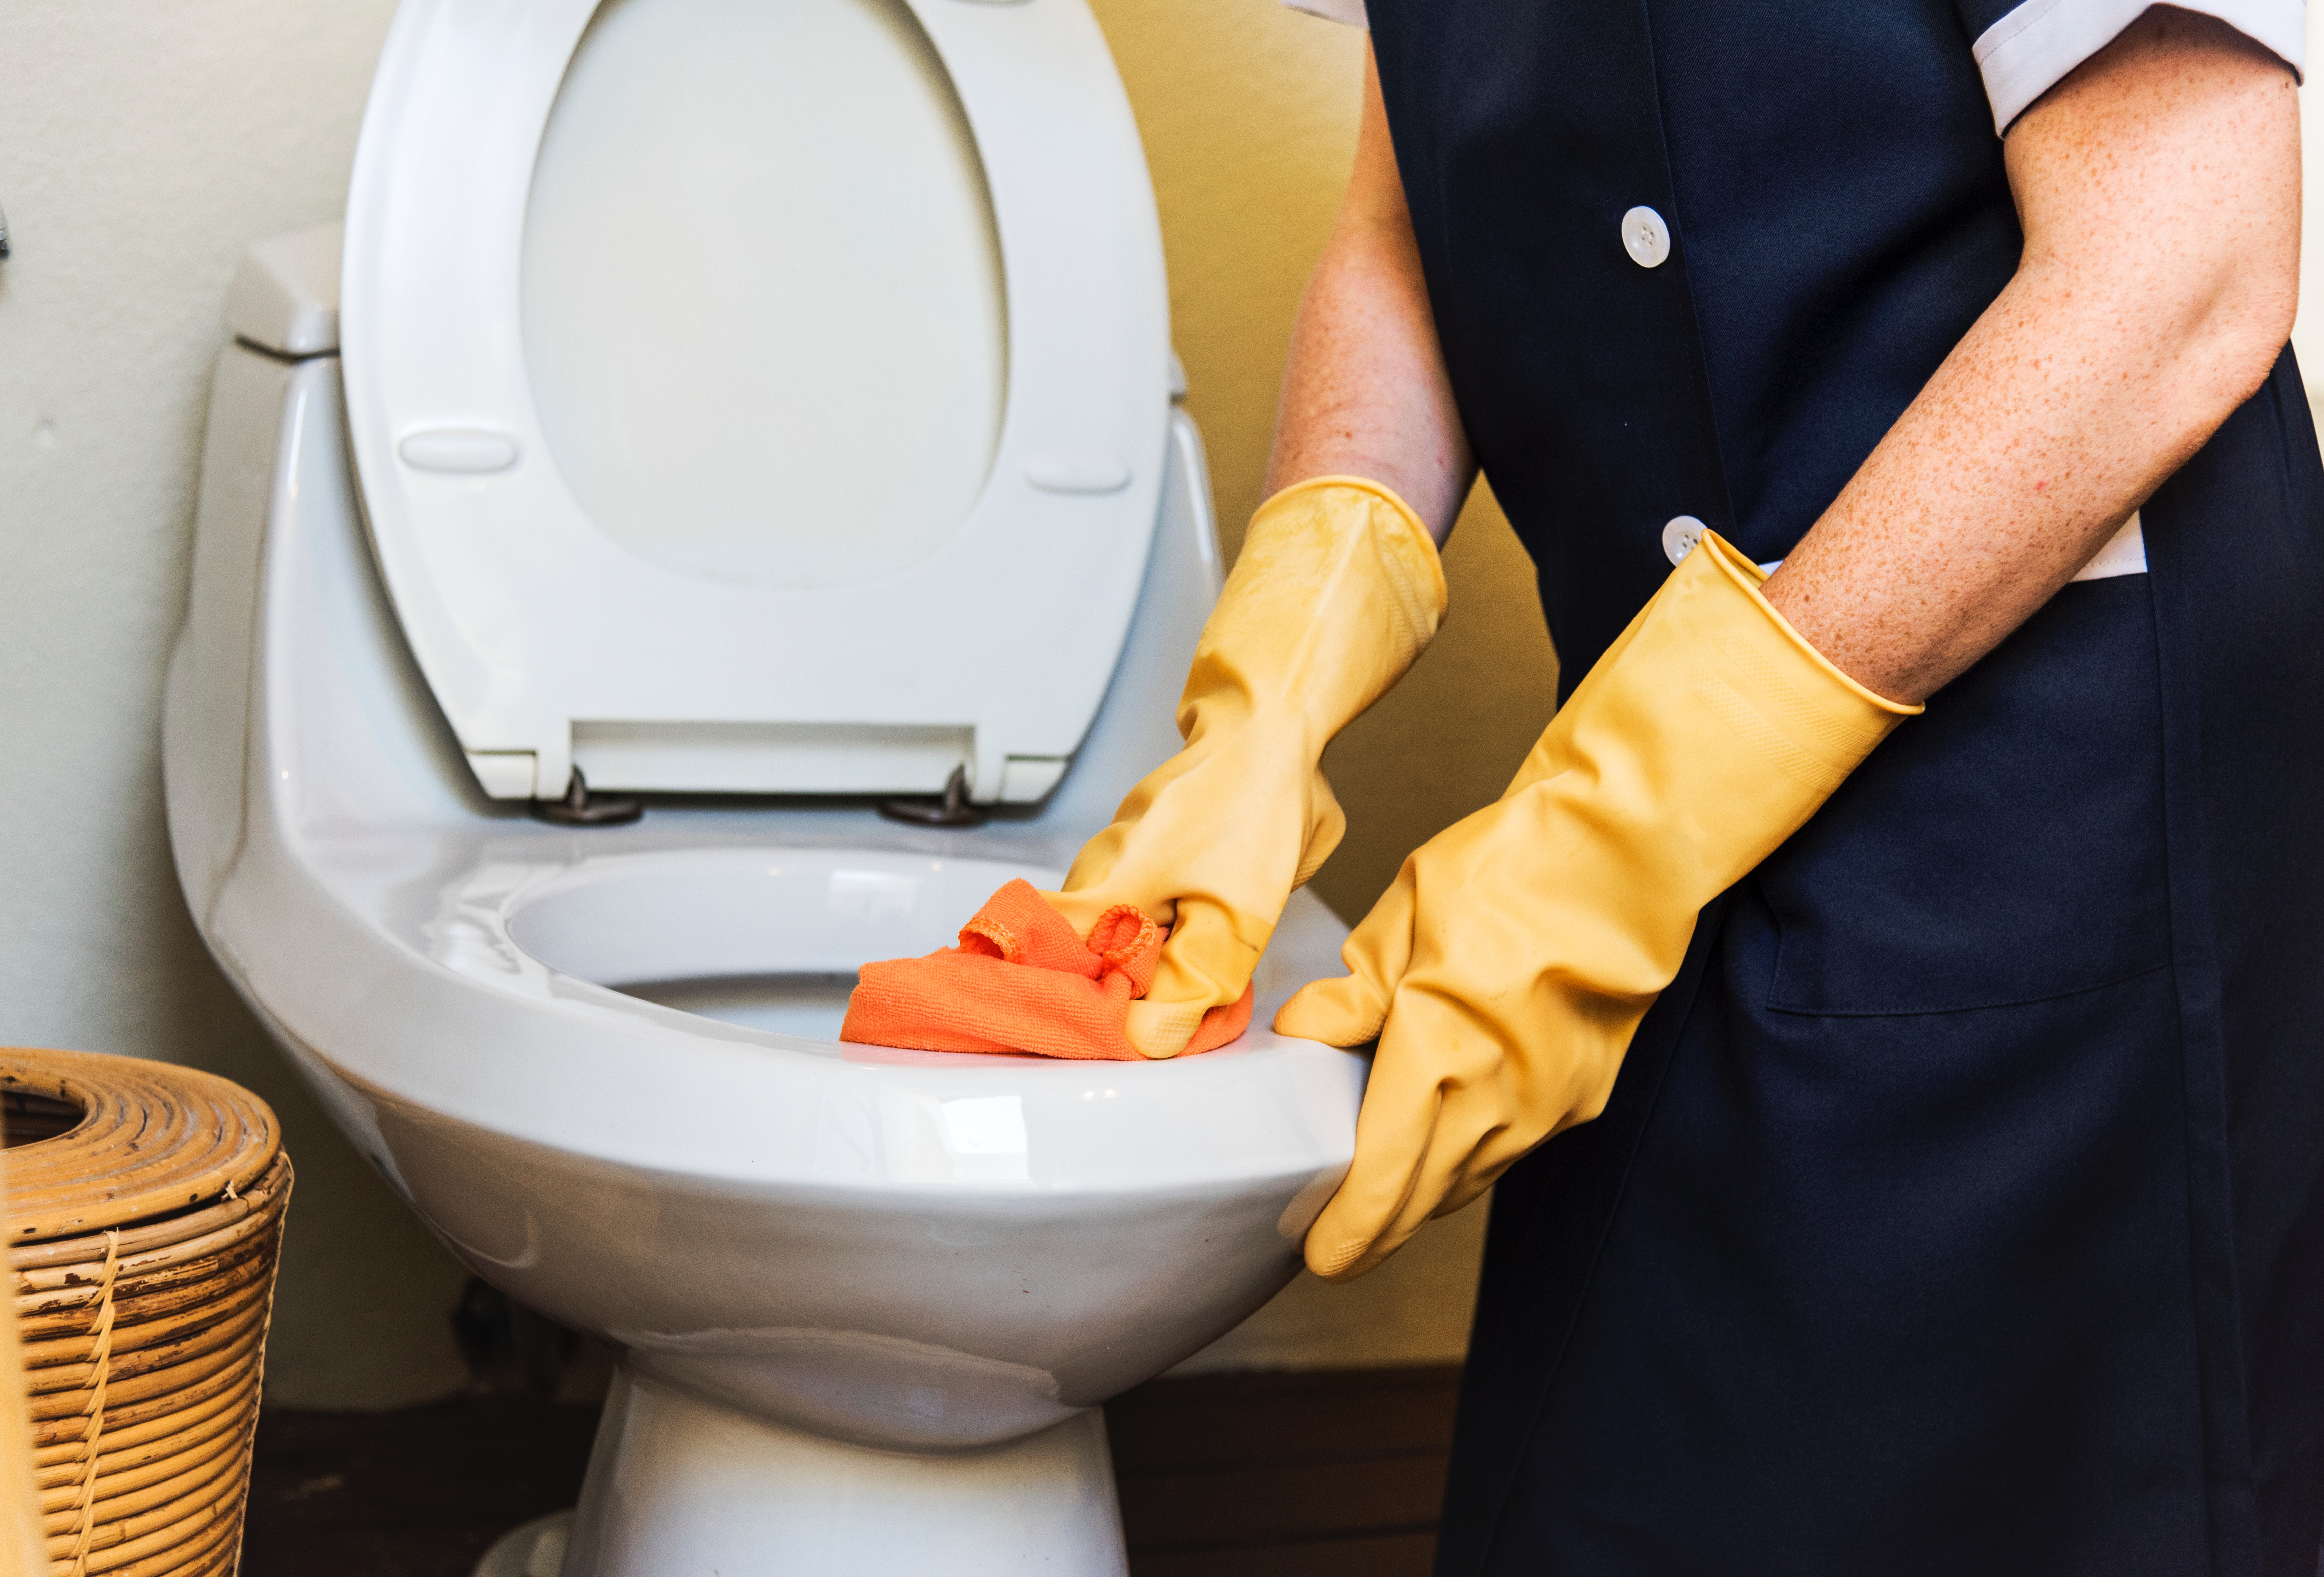 Elektrisch Toilet Verstopt : Spoelmechanisme toilet repareren wc repareren mijnkluswijzer